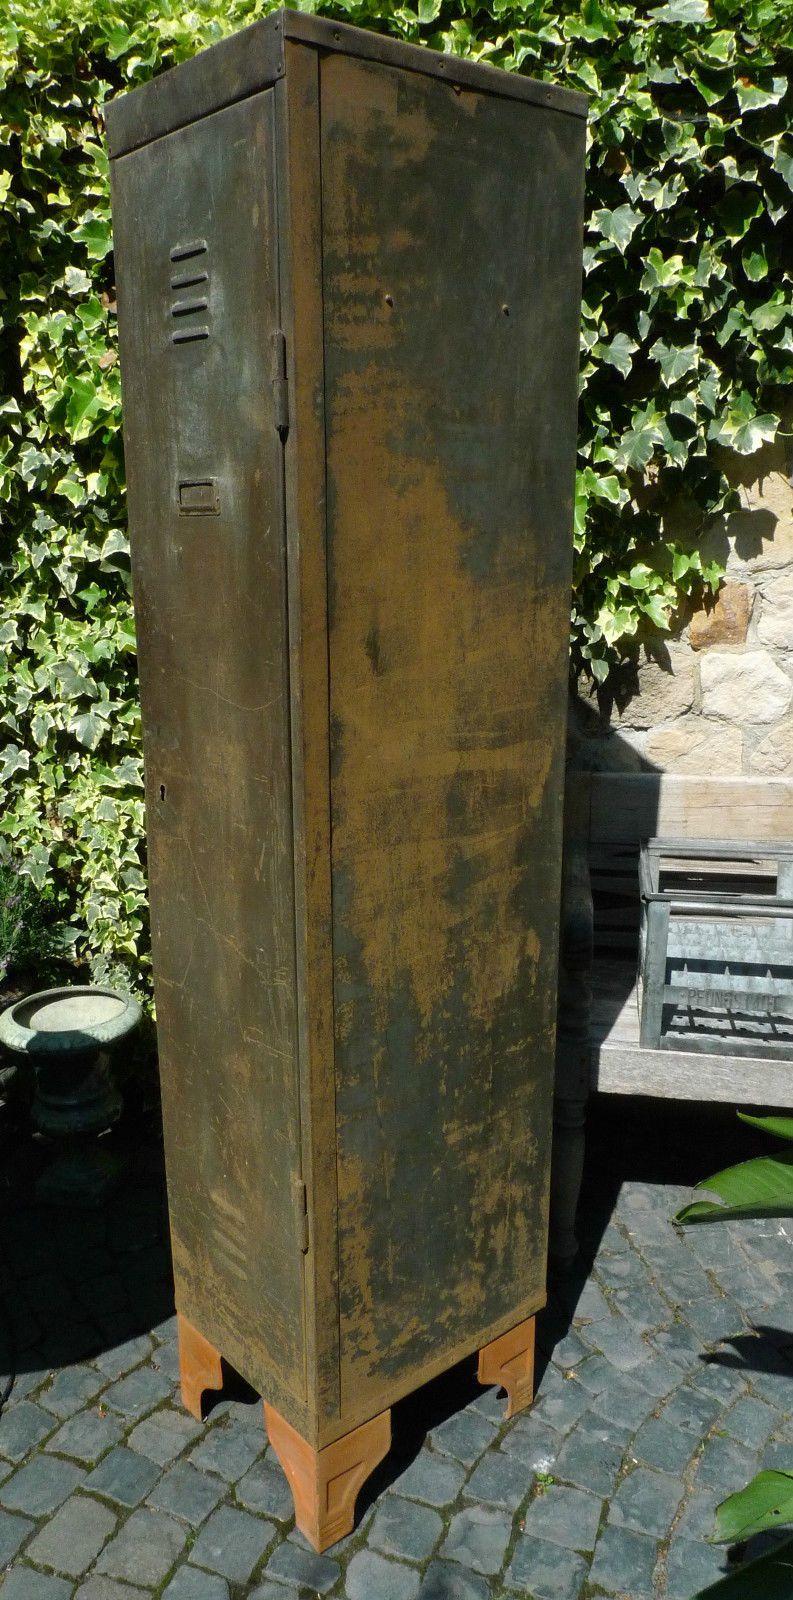 Alter 1 Tur Metallschrank Spind Werkstatt Loft Fabrik Industriedesign Vintage Ebay Industriedesign Vintage Metallschranke Aufbewahrungskorbe